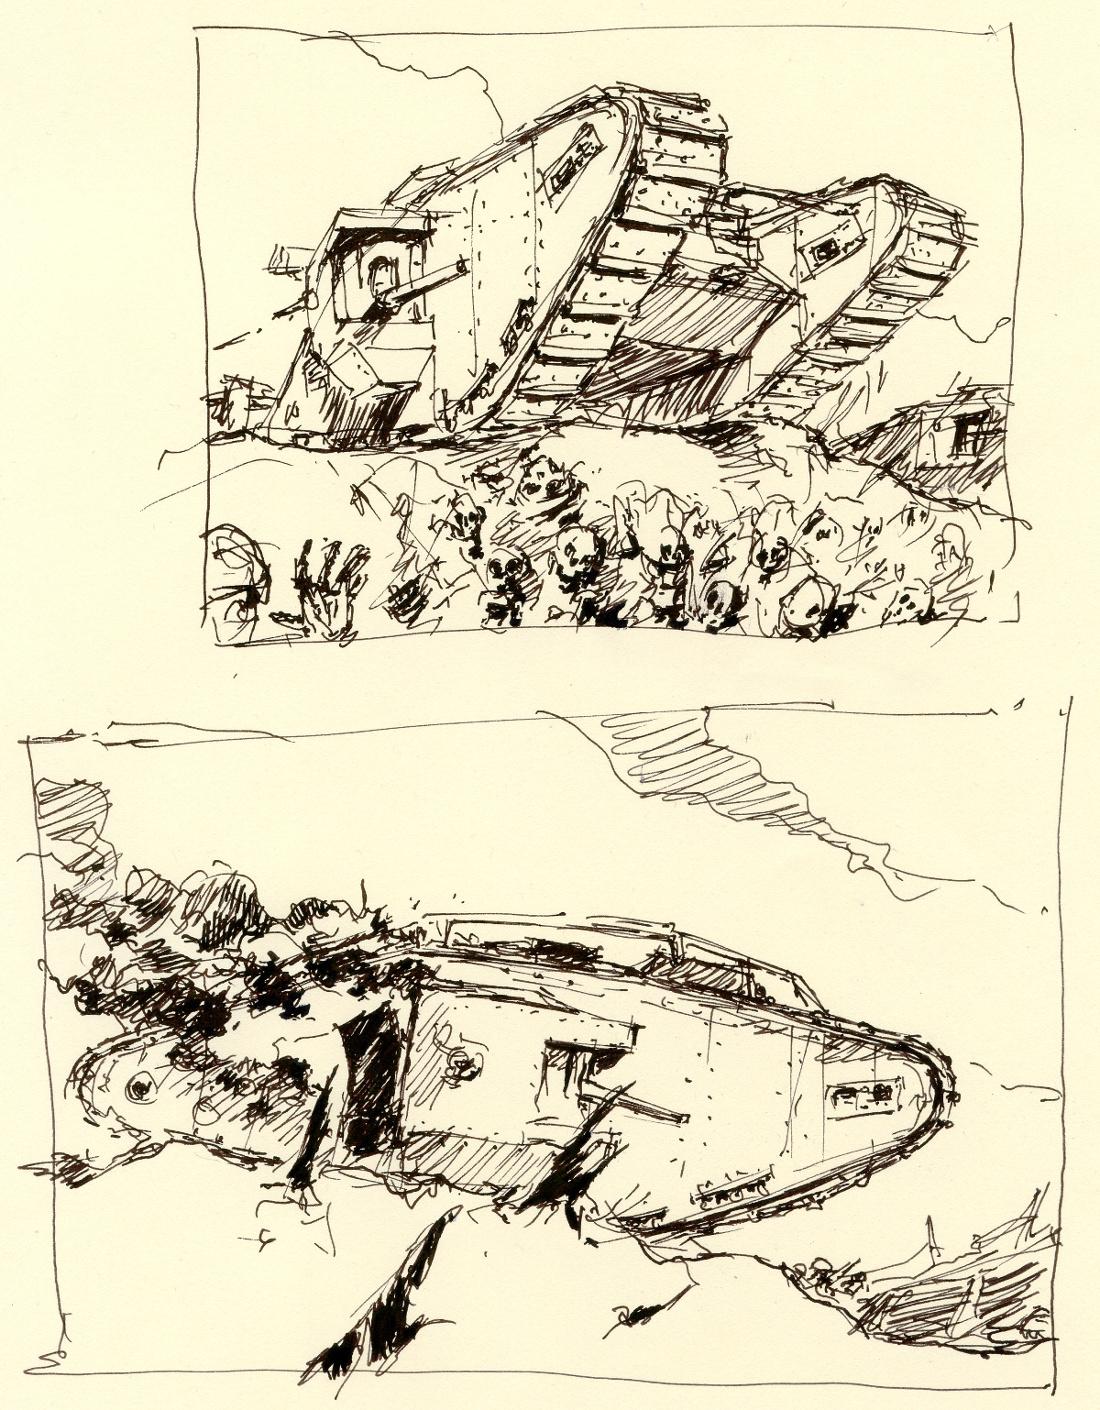 scribbles#10 by Radomski